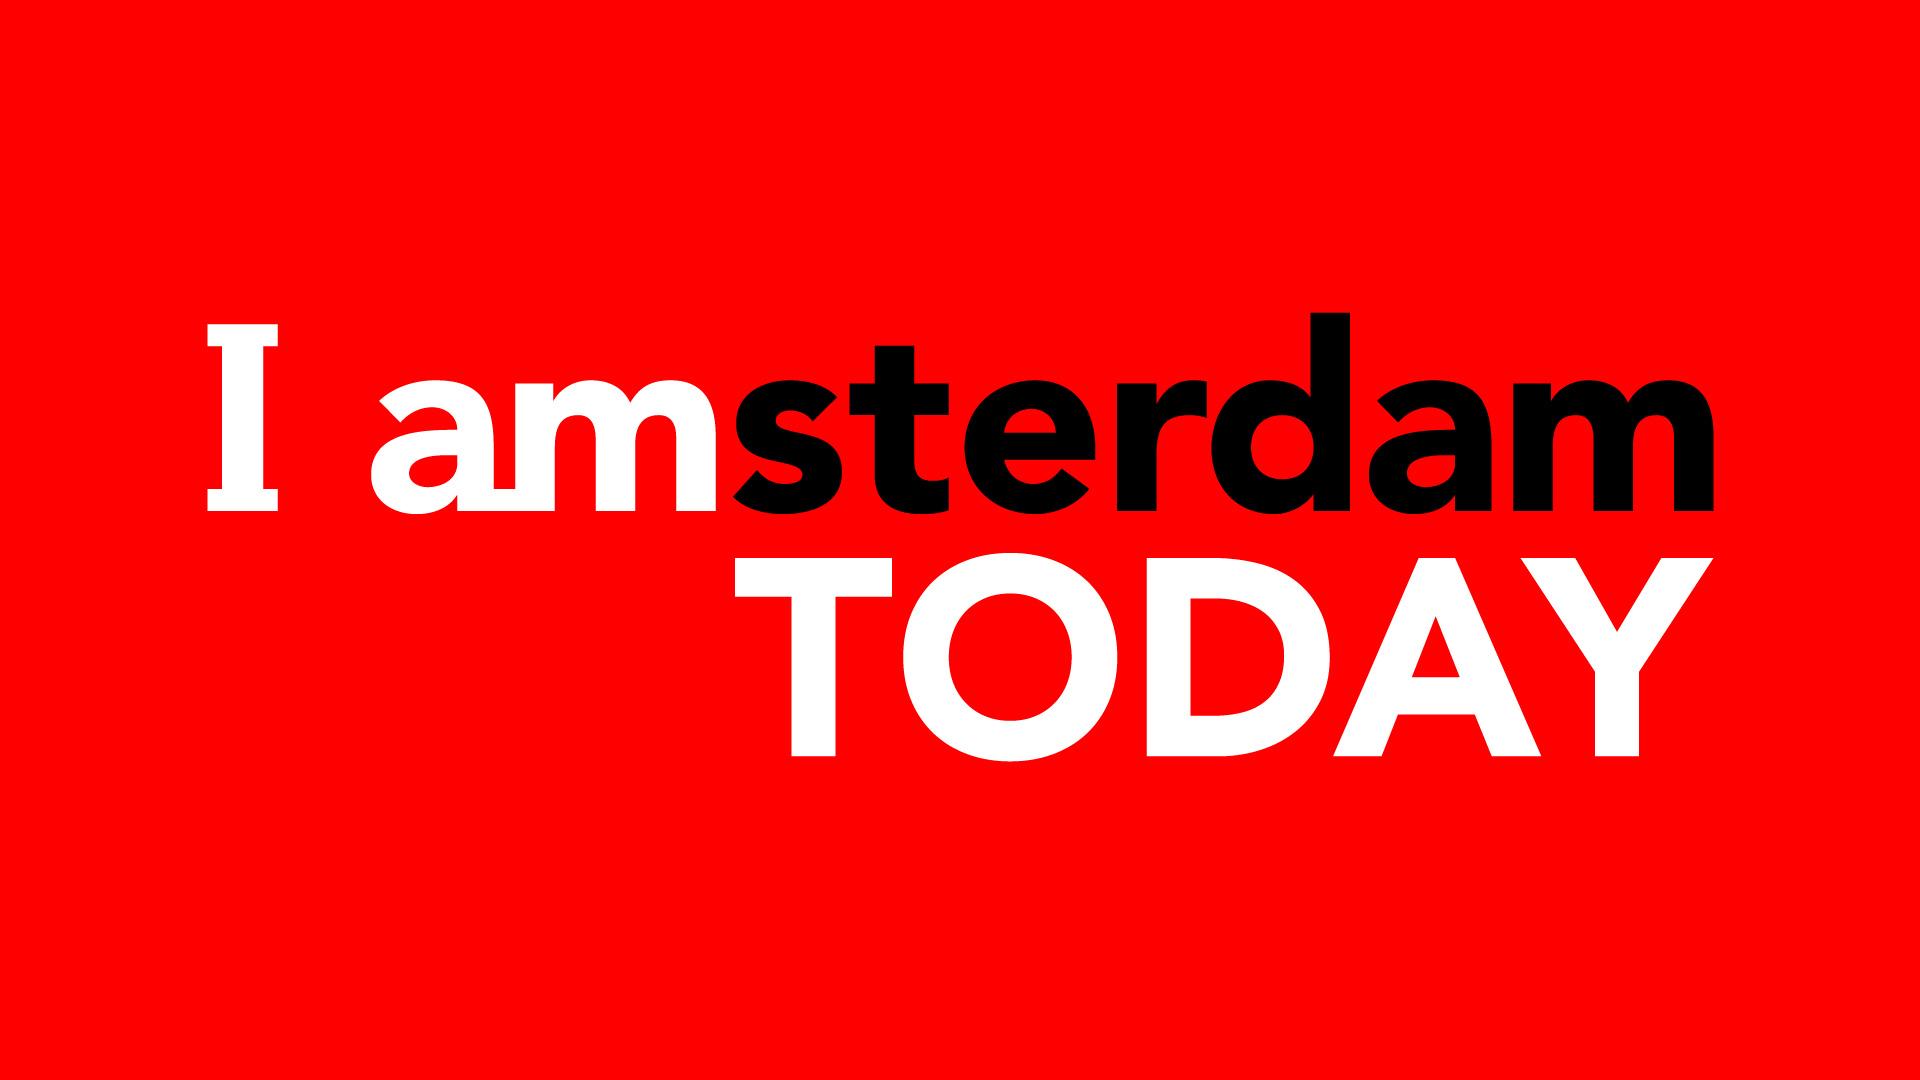 I amsterdam TODAY  - Audiovisuele huisstijl voor 'I amsterdam TODAY', het dagelijkse journaal voor toeristen in Amsterdam.